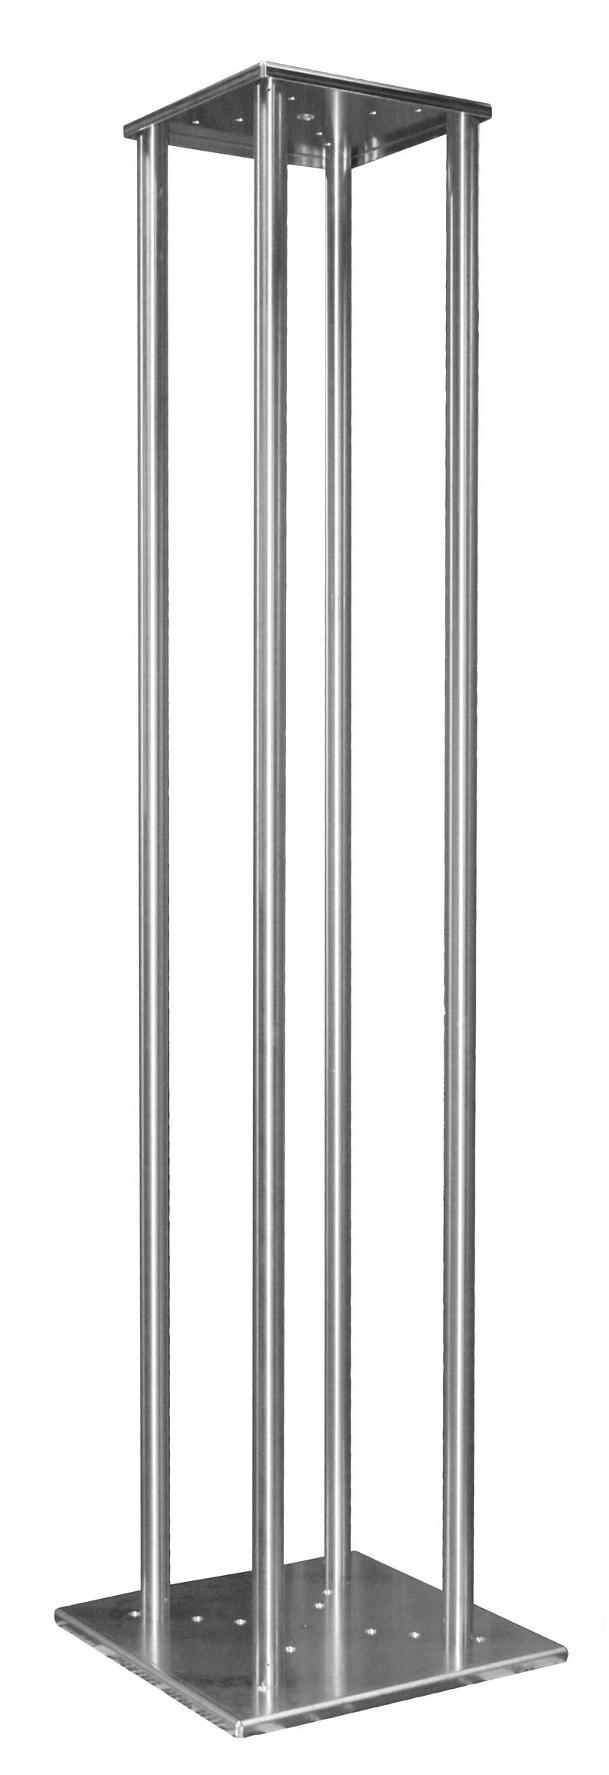 9' Scrim Werks Light Column